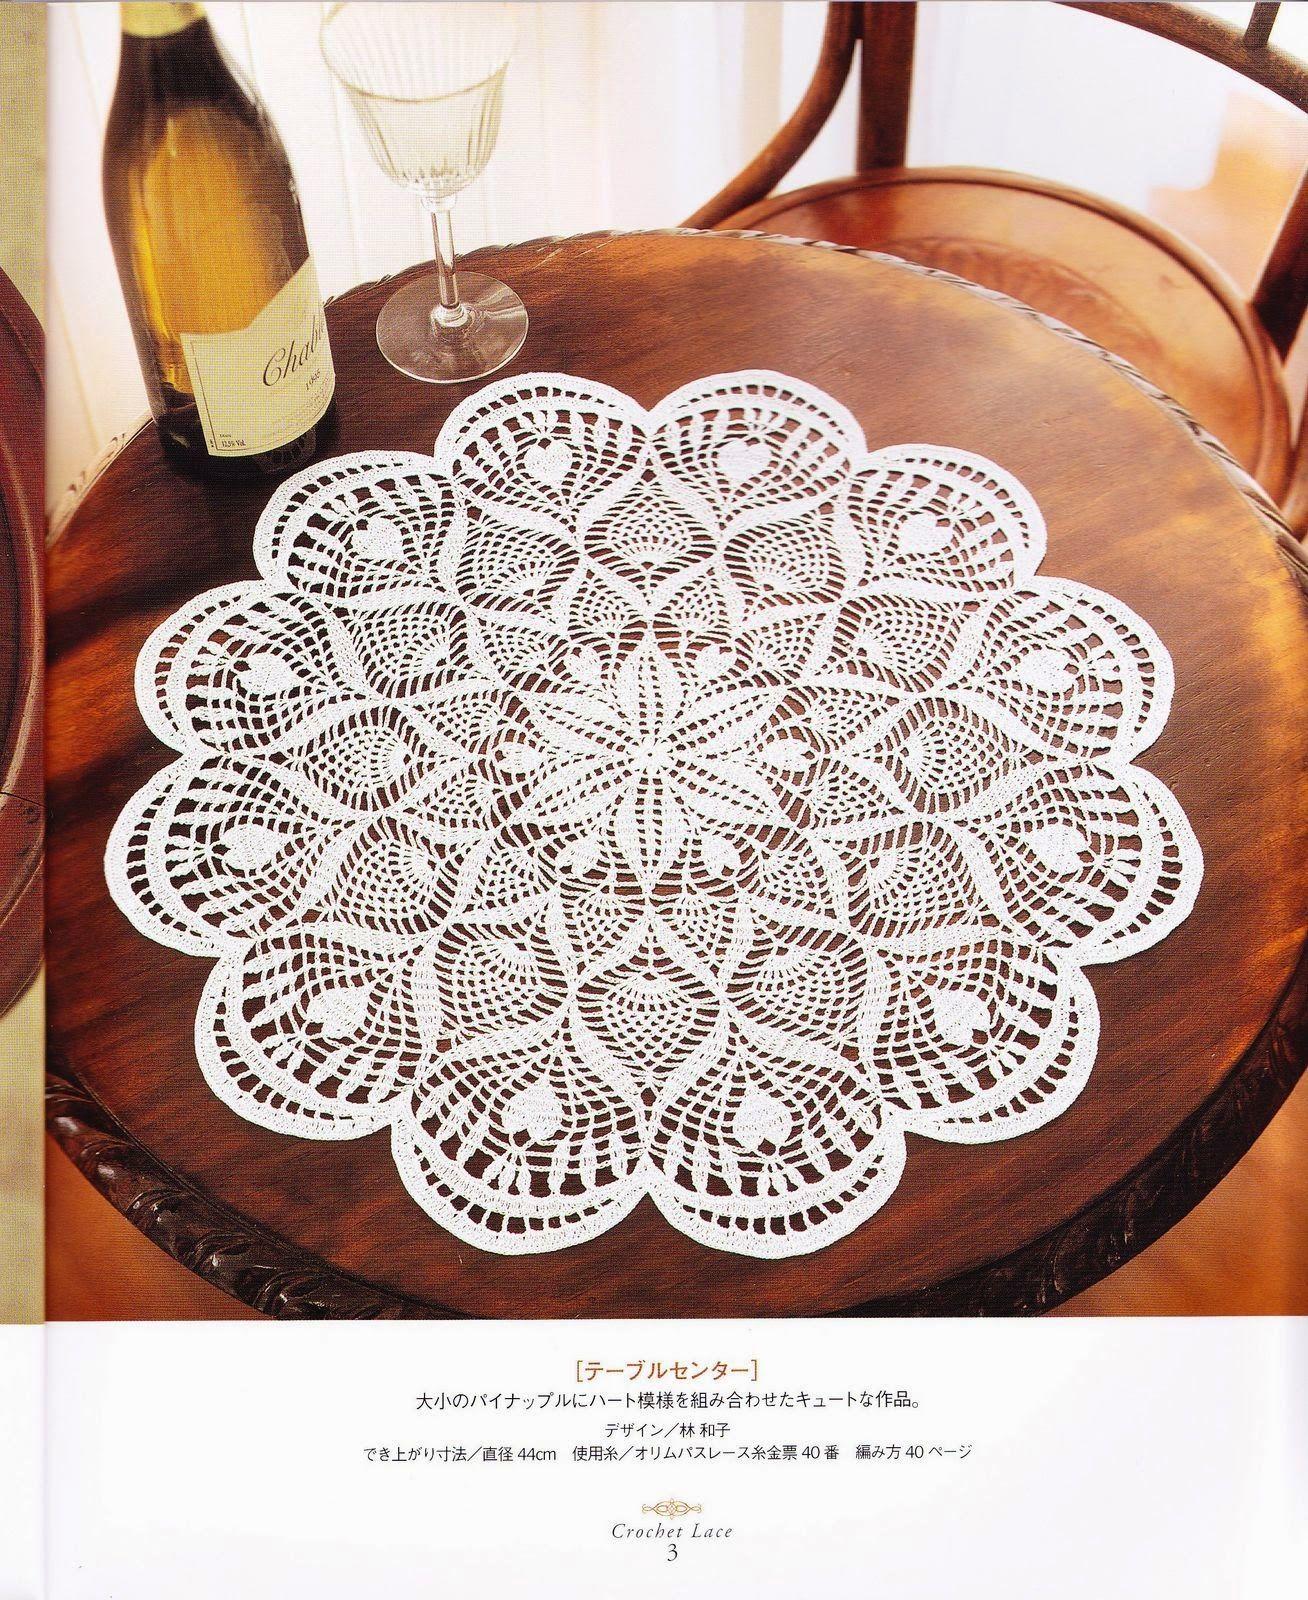 PATRONES GRATIS DE CROCHET: Patrón tapete o centro de mesa a crochet ...